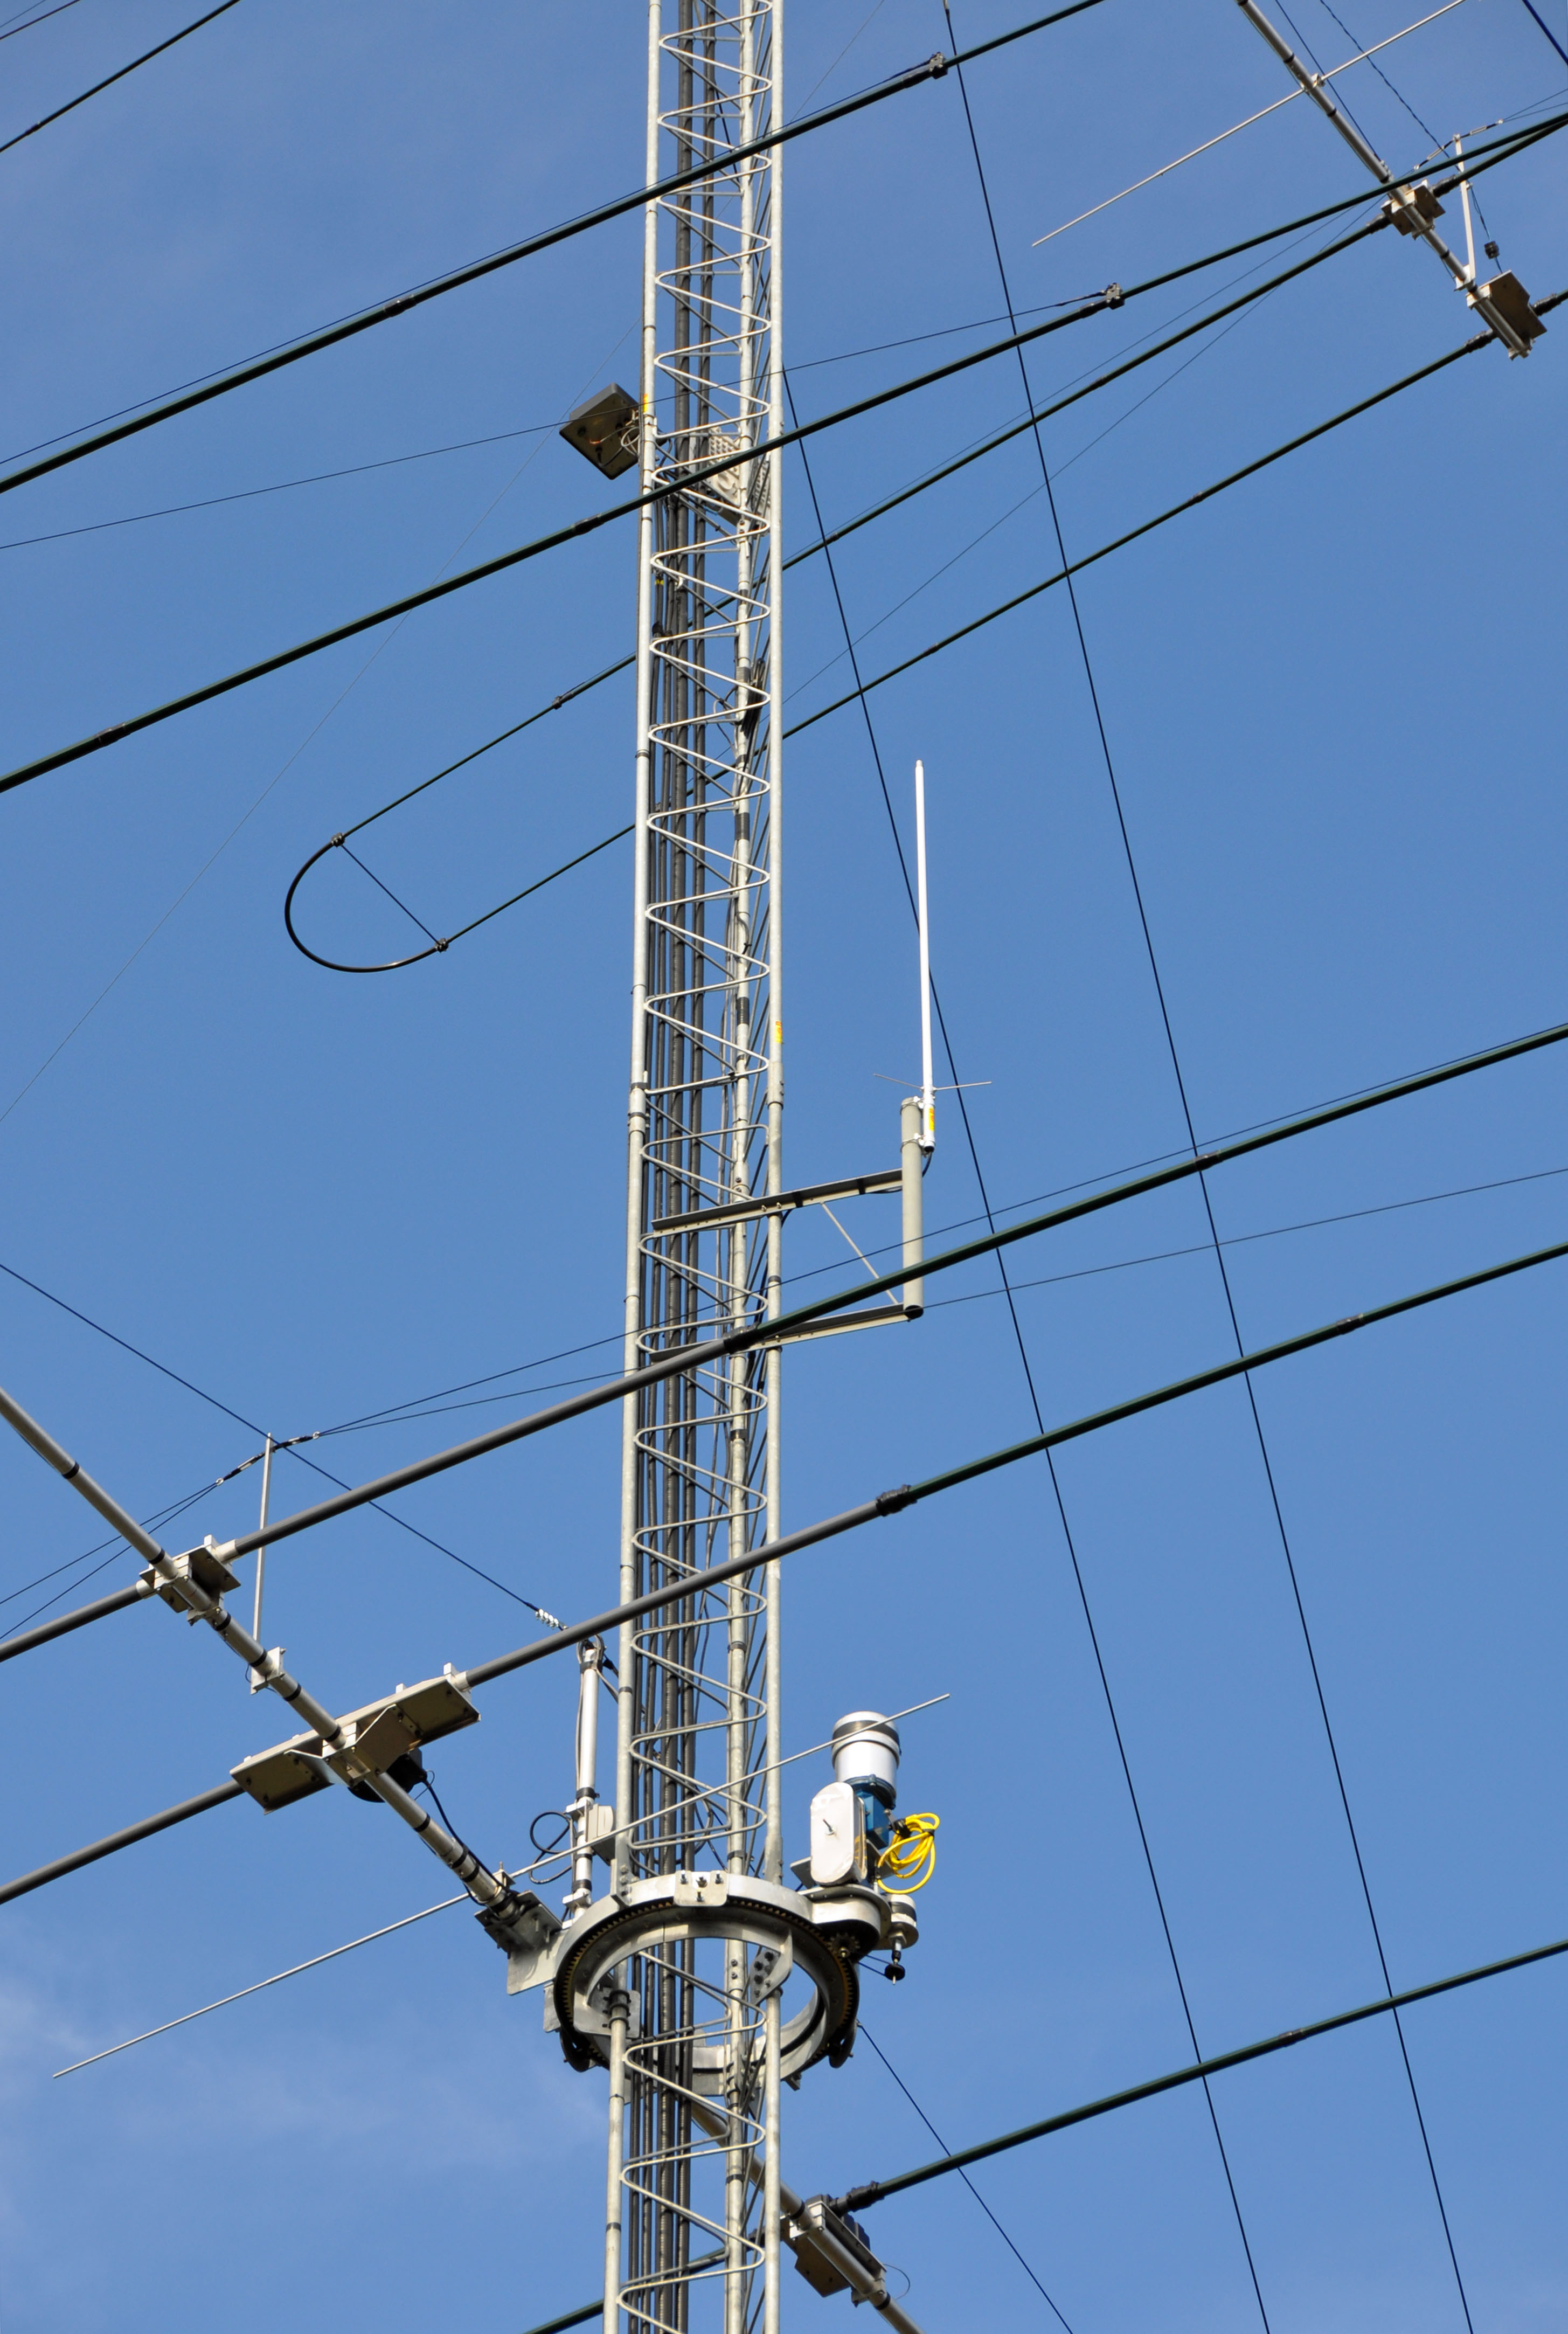 Bobcat wiring diagram bobcat wiring basic radio wiring diagram Bobcat 743 Lift Cylinder Seal Diagram 753 Bobcat Wiring Diagram Bobcat 763 Parts Manual PDF